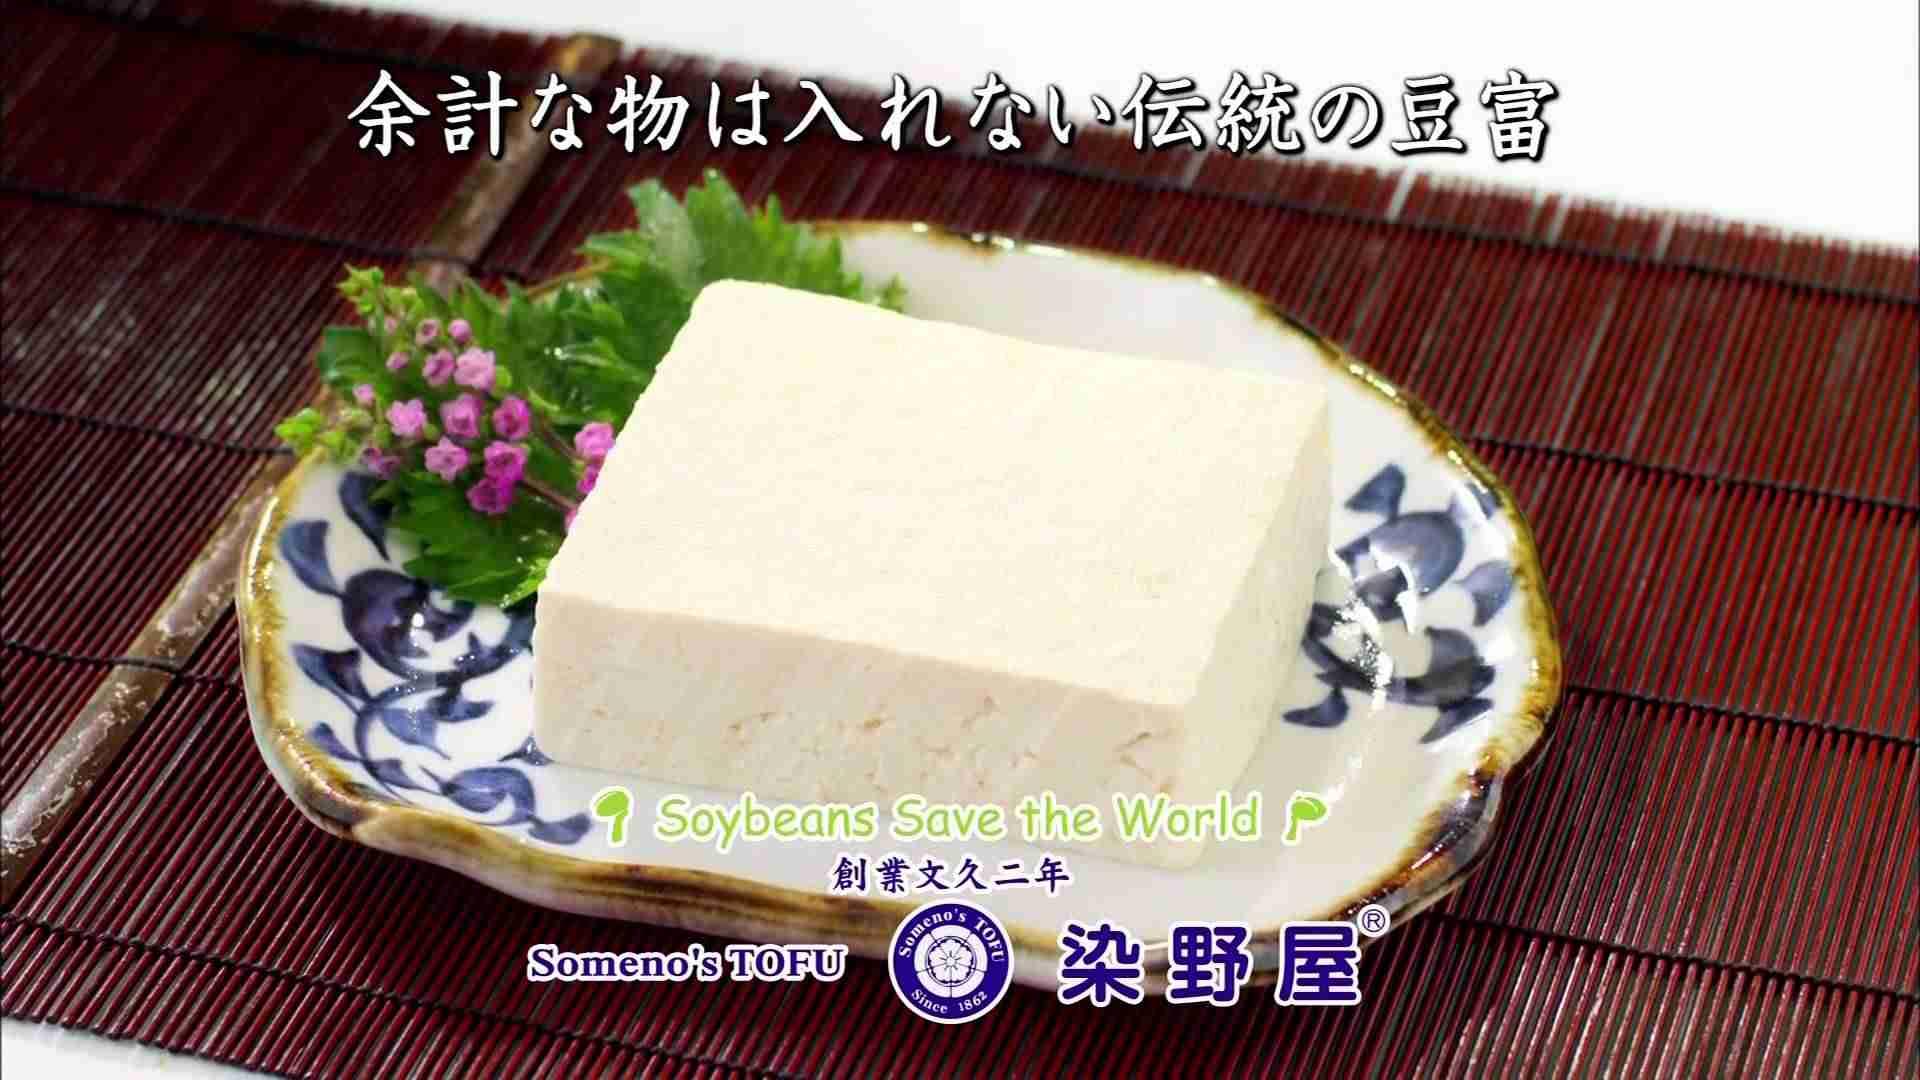 埼玉ローカルCM集 #2 2014 - YouTube